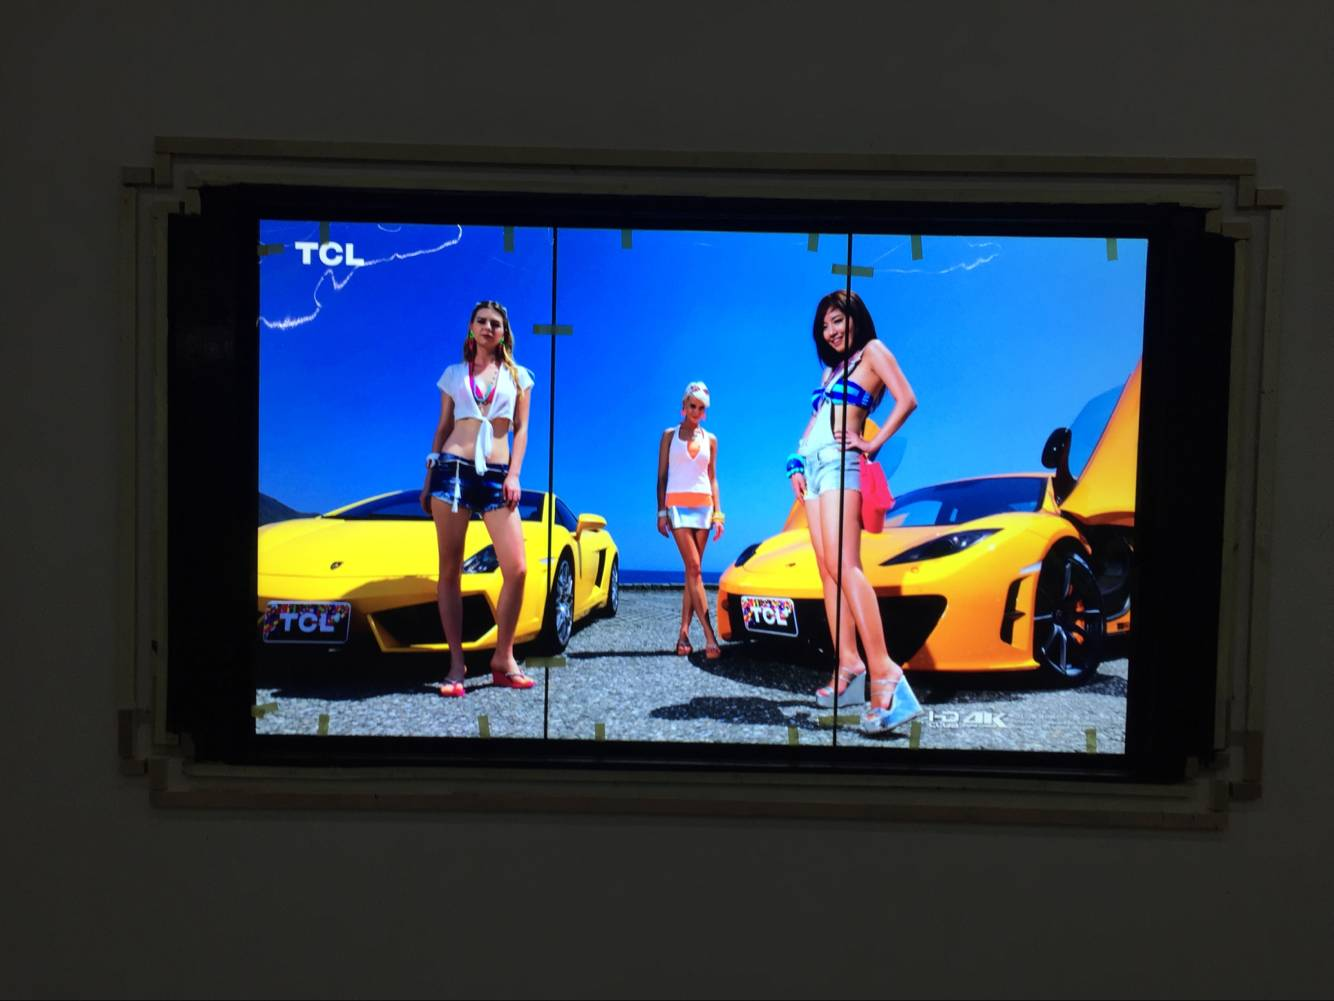 徐州城市展览馆在迷你光电采购一套46寸竖屏5.5mm带触摸框液晶拼接屏